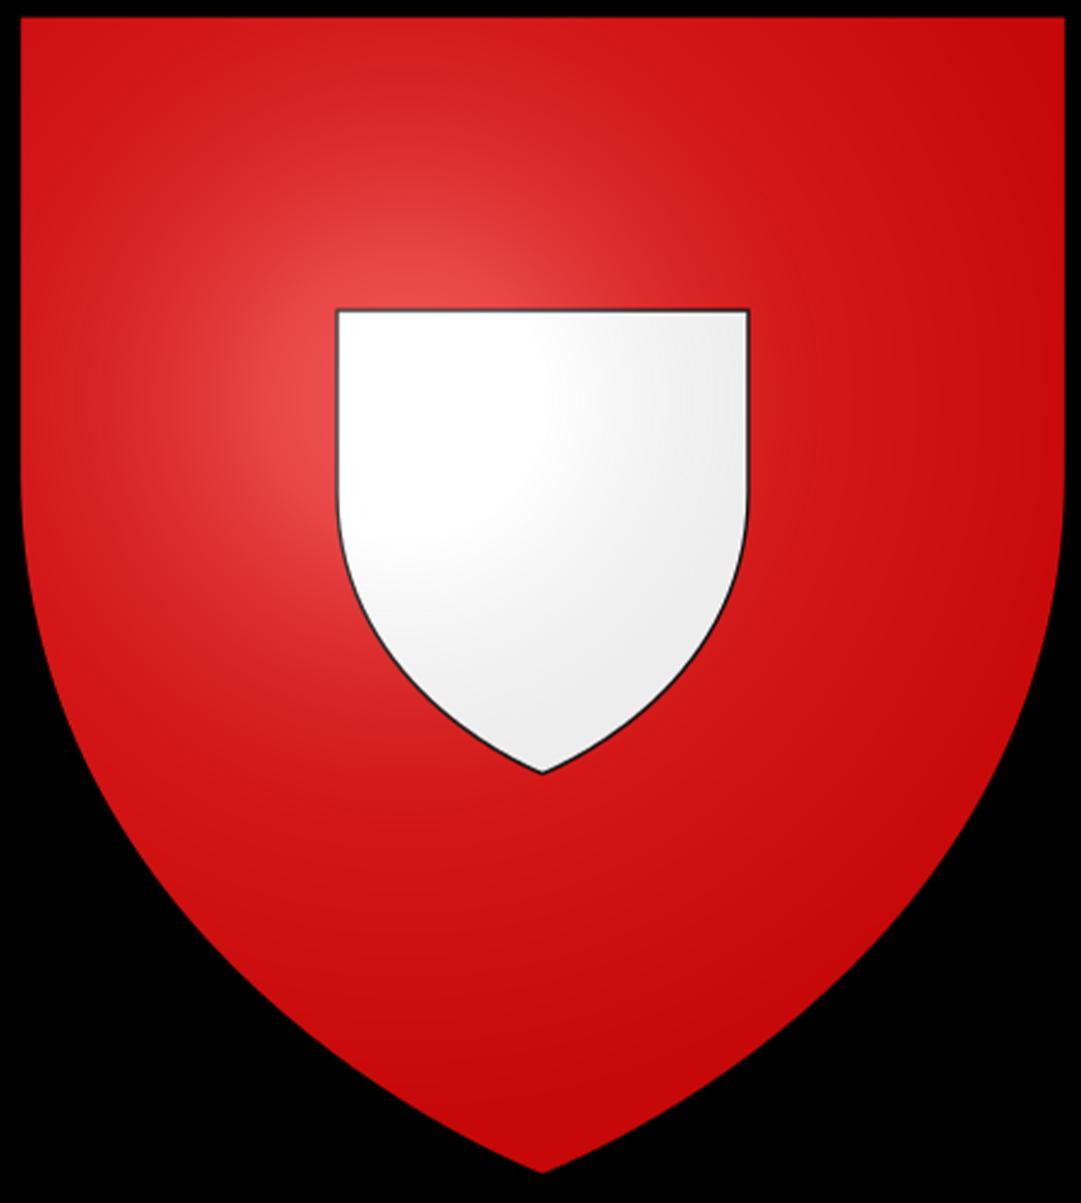 Armoiries des seigneurs de Brandenbourg ©Caranorn Les Faux-Monnayeurs André Gide littérature terminale